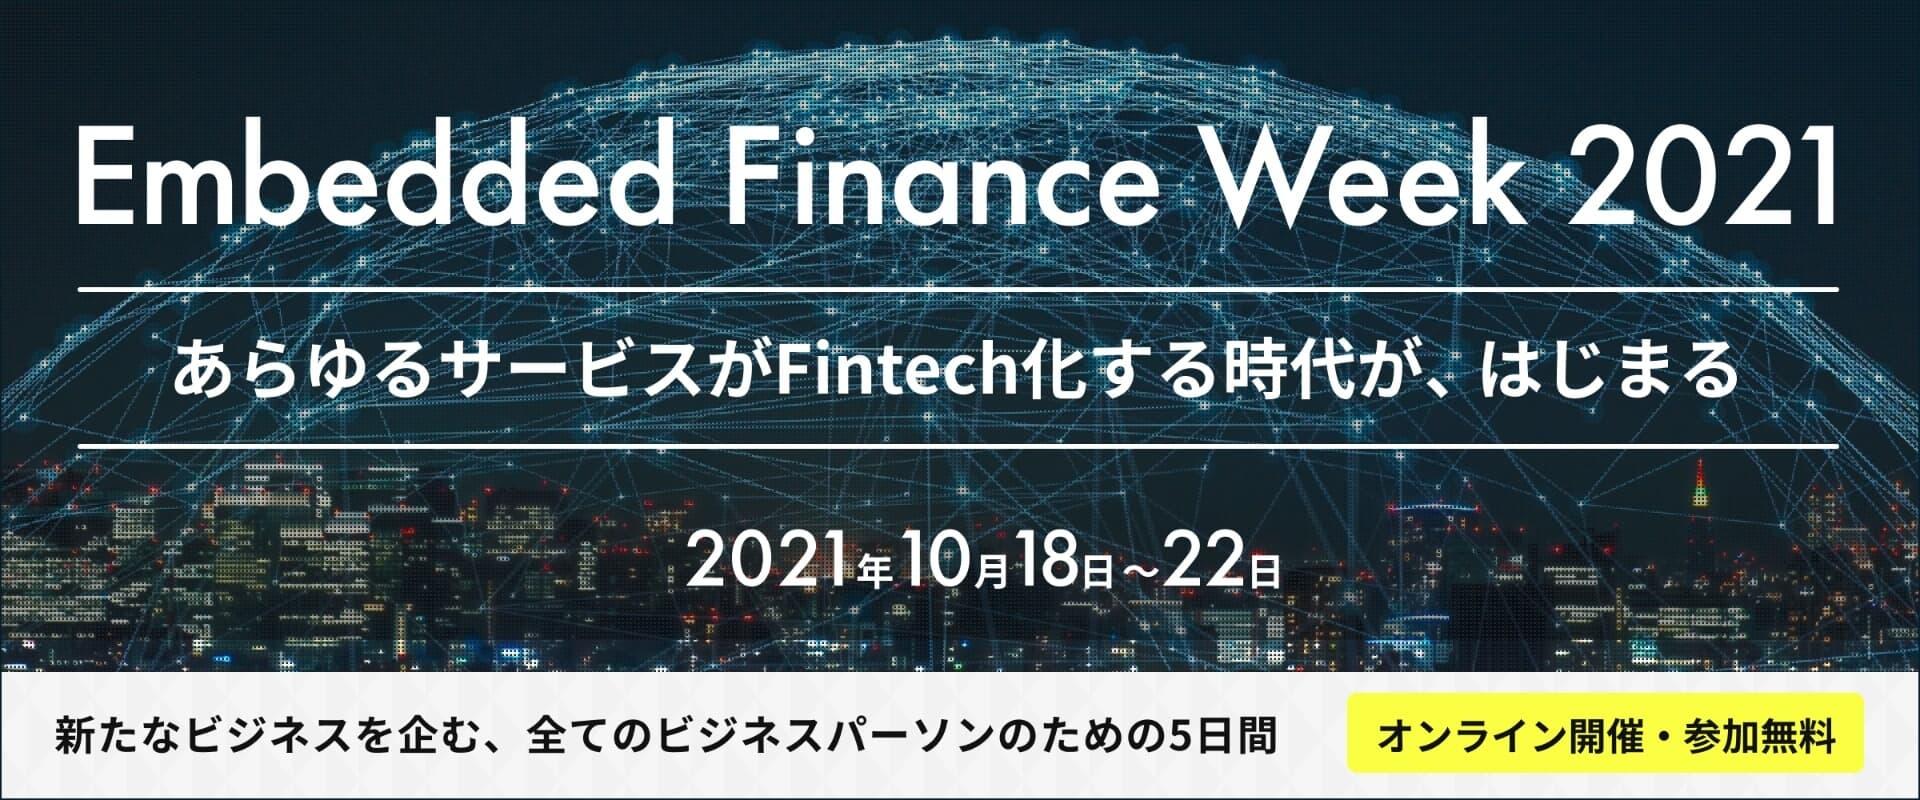 Embedded Finance Week 2021